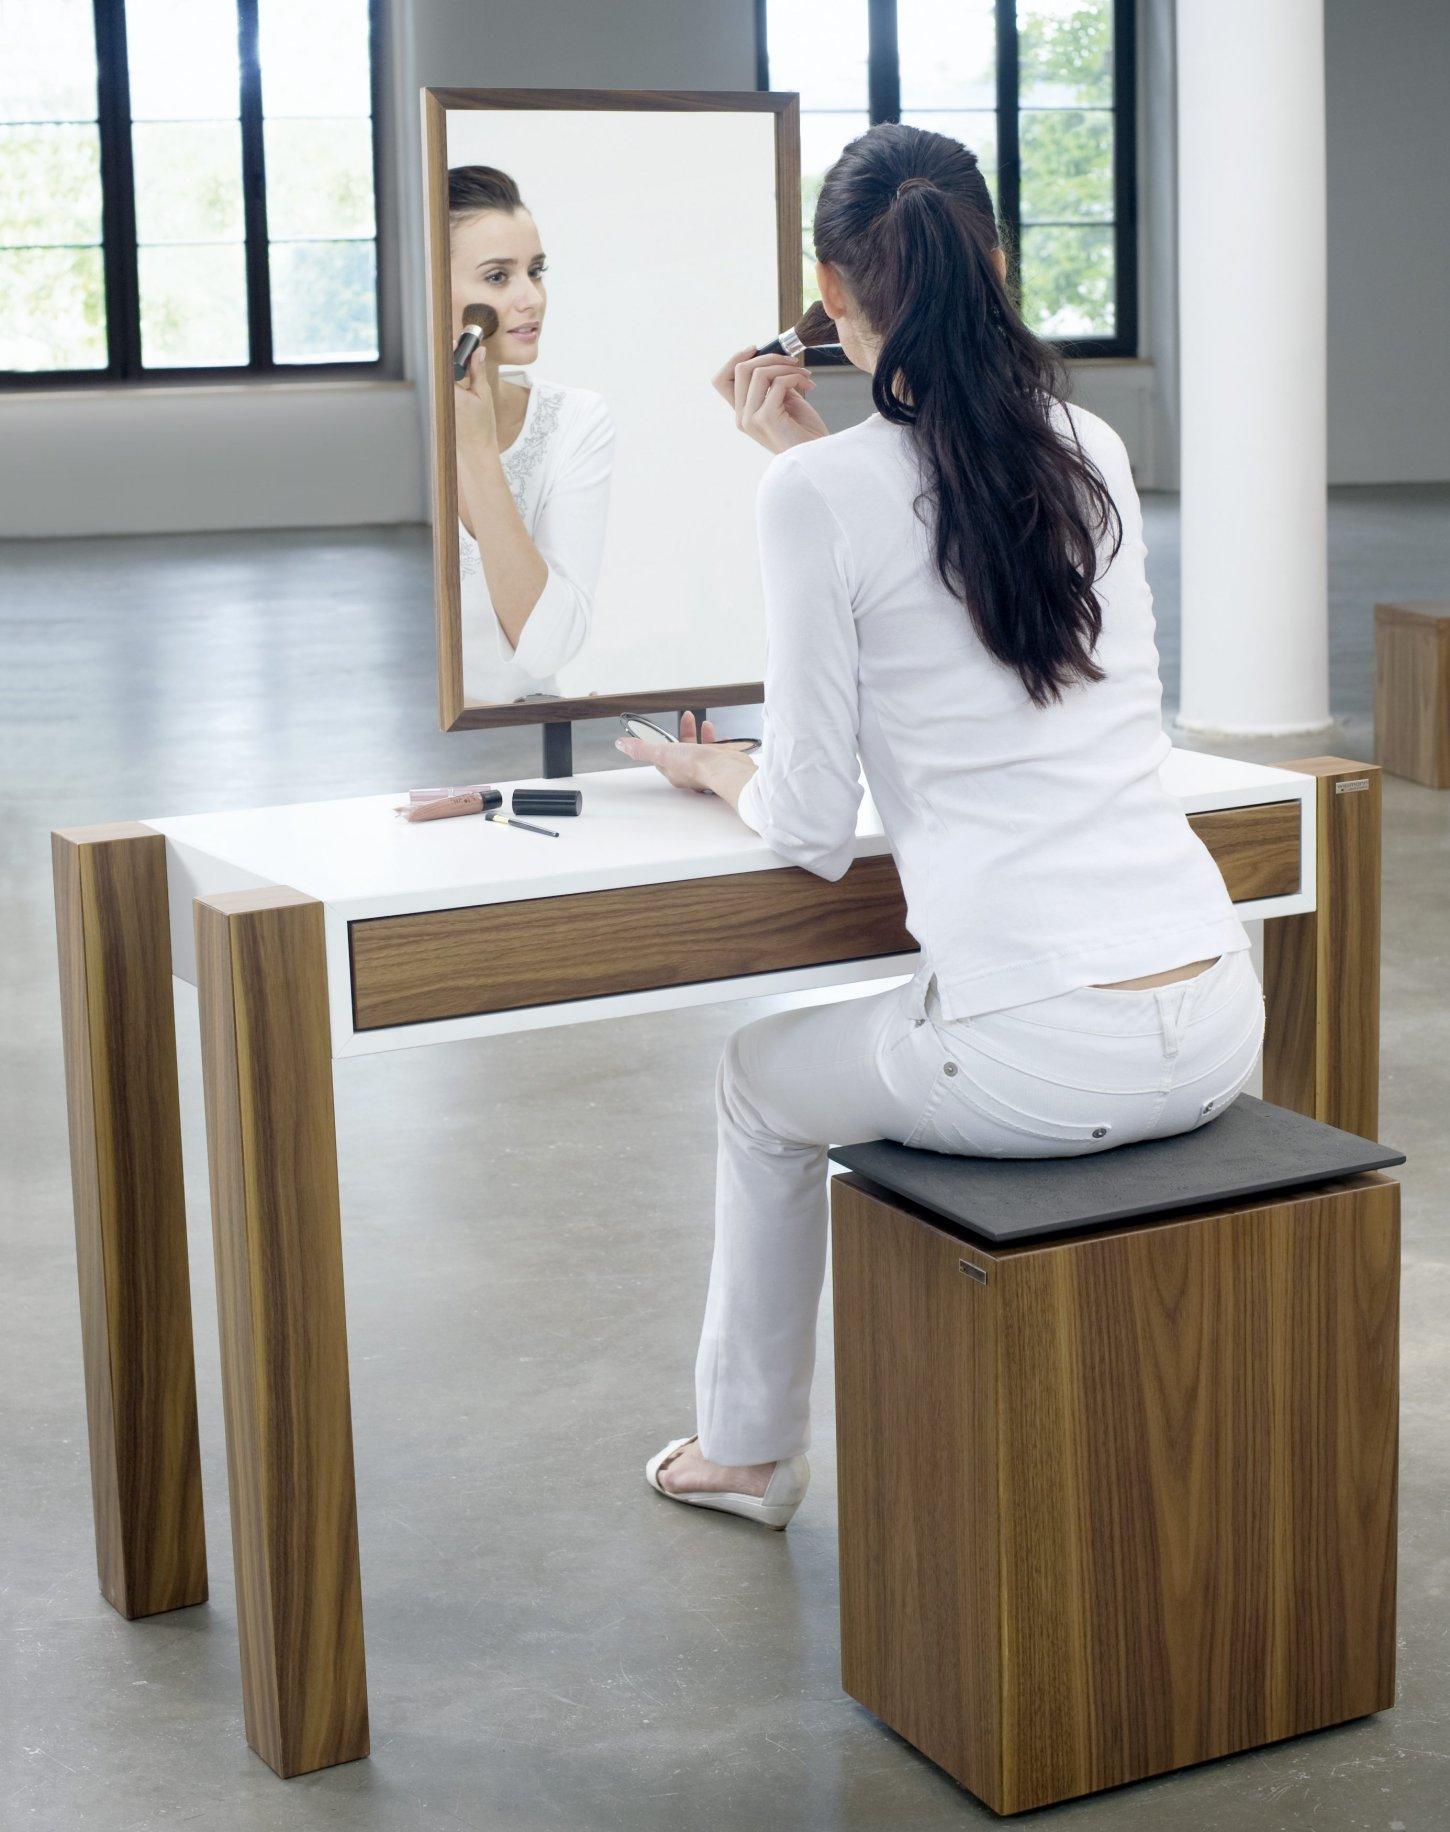 schminktisch art343 nussbaum mit lackierter fl che moderner schminktisch mit spiegel im. Black Bedroom Furniture Sets. Home Design Ideas